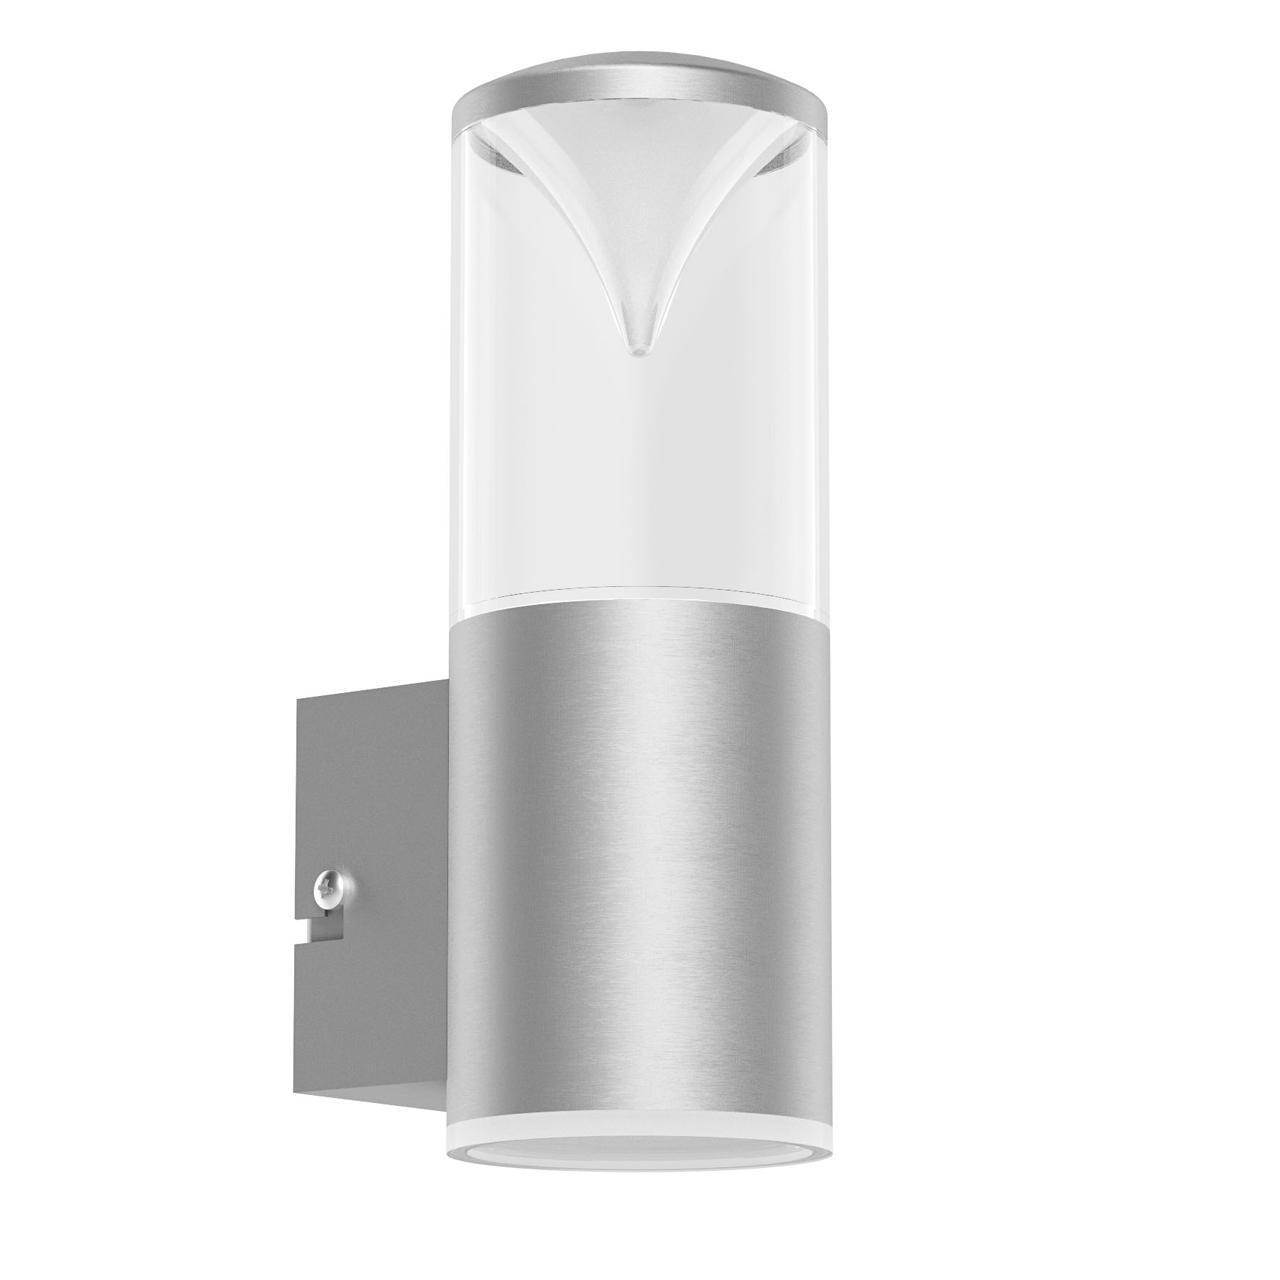 Уличный настенный светильник Eglo Penalva 94811 уличный настенный светильник eglo penalva 94811